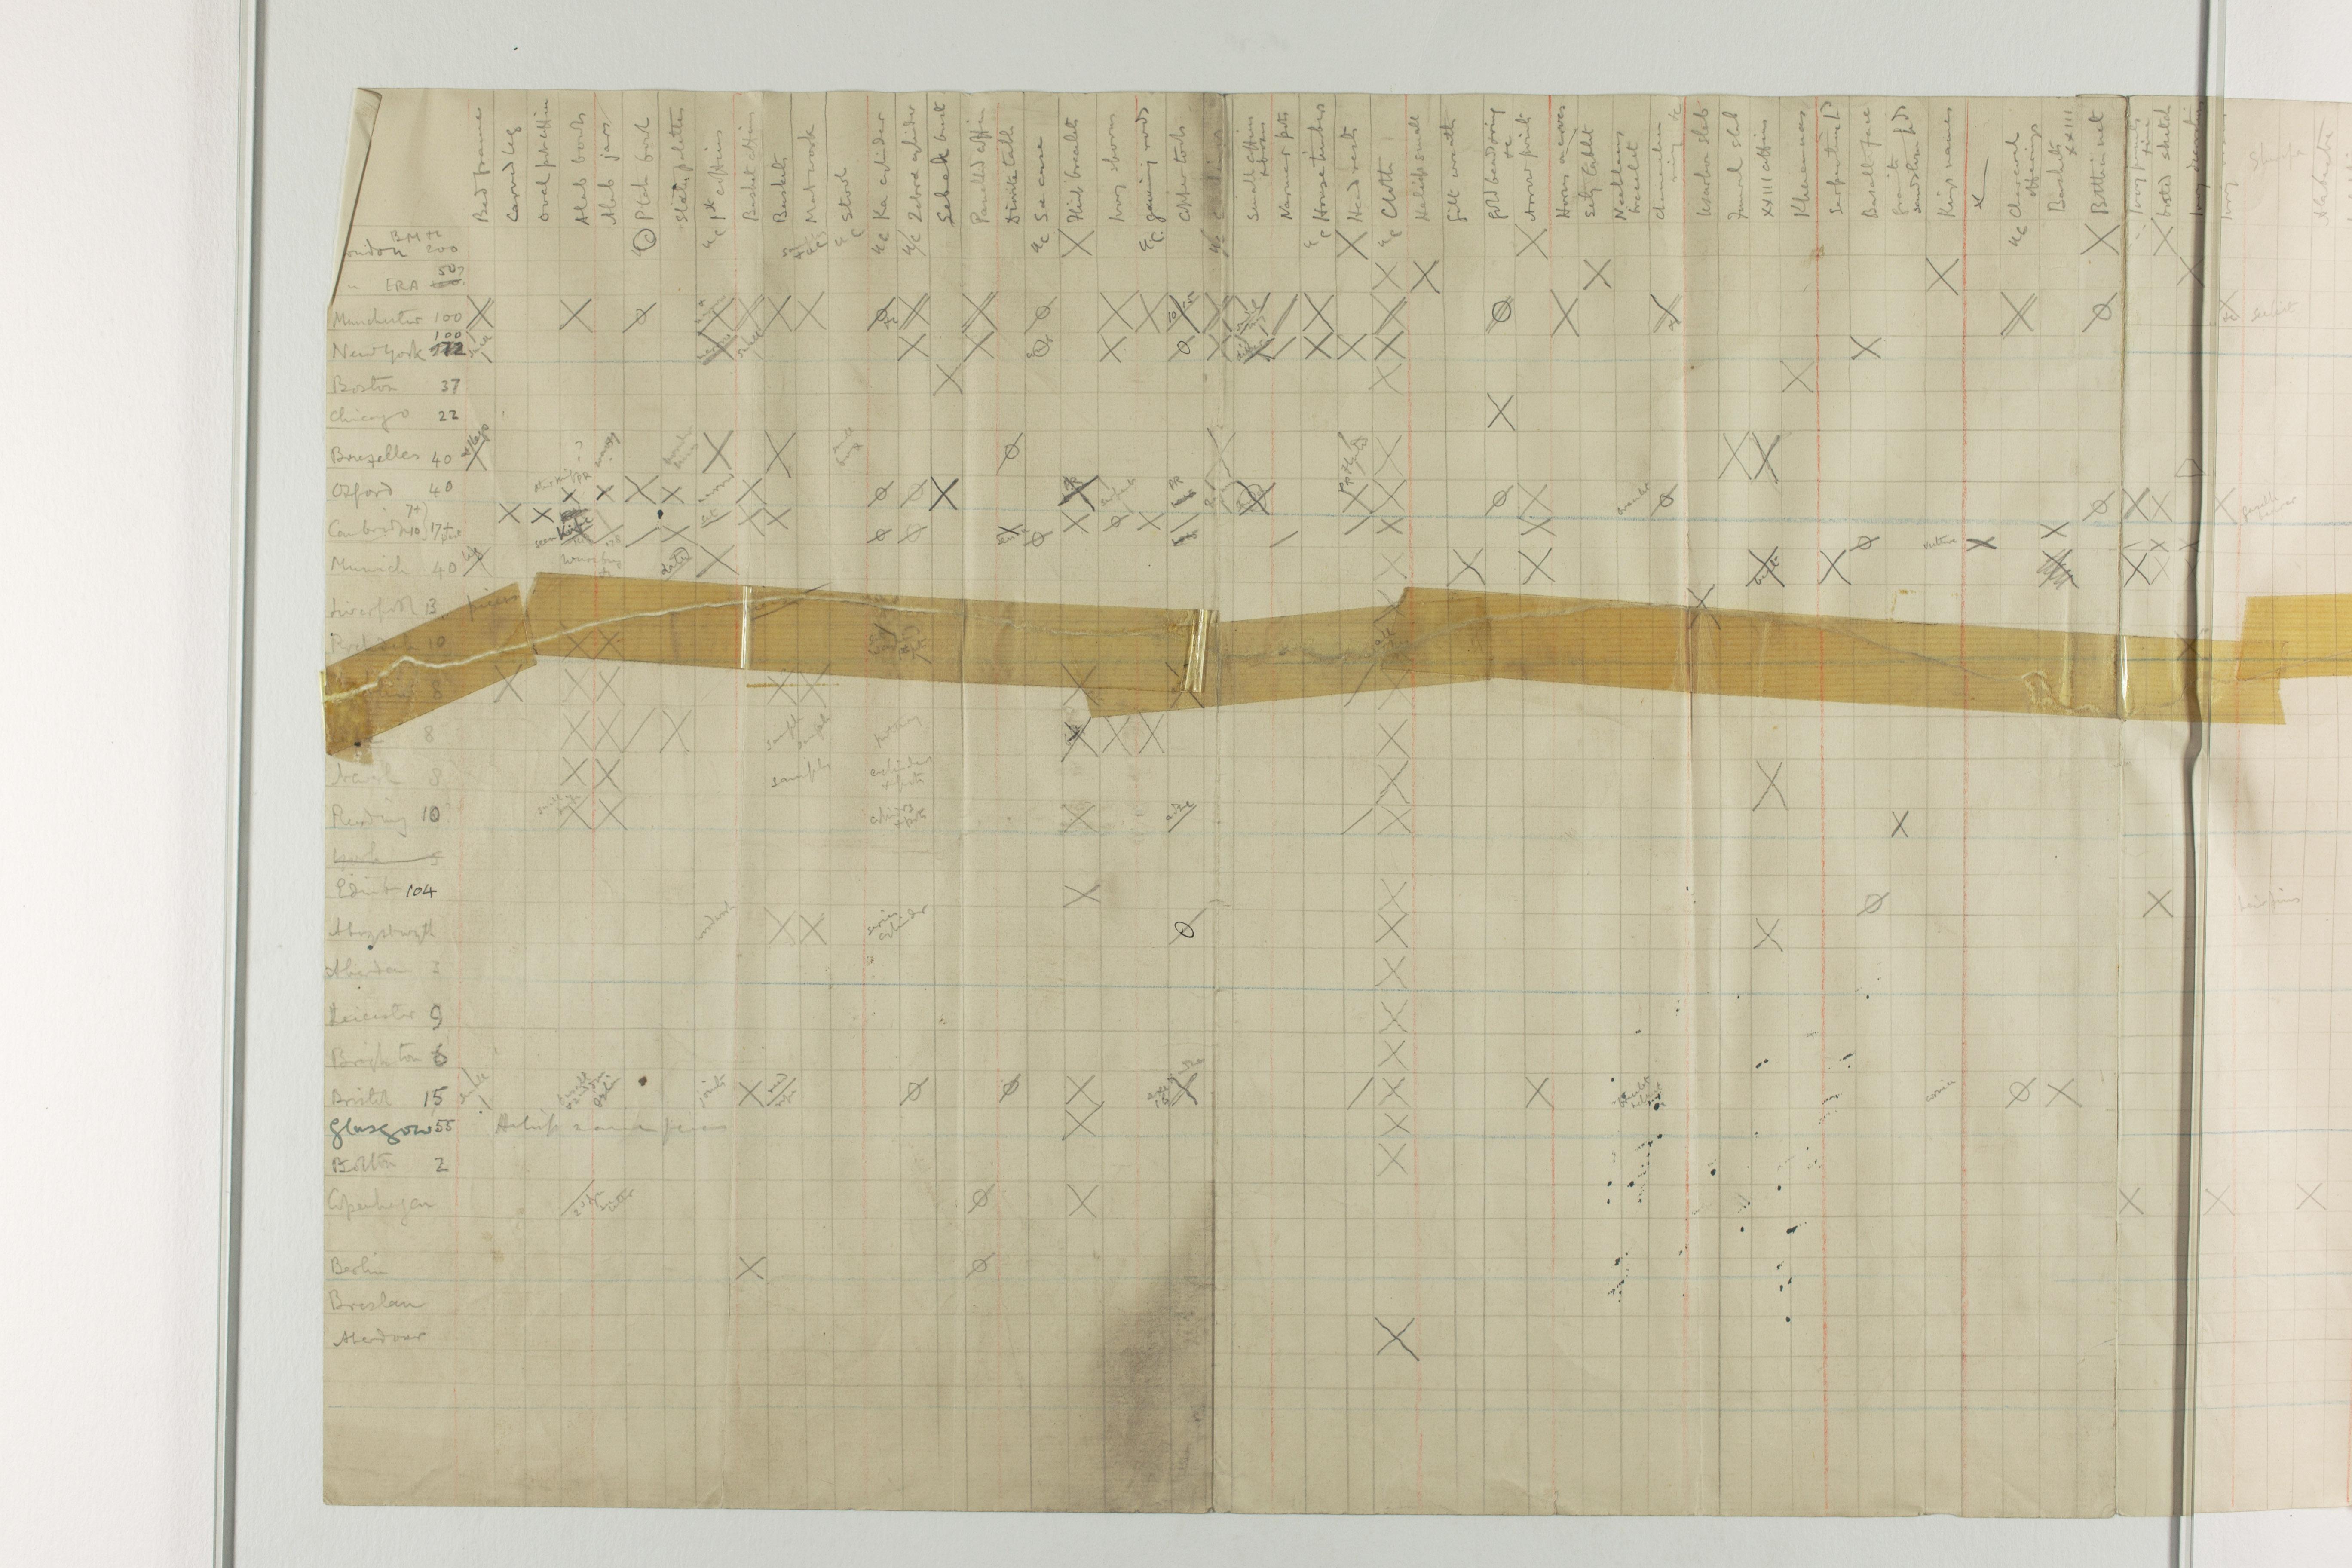 1912-13 Tarkhan, el-Riqqa, Memphis Distribution grid PMA/WFP1/D/21/2.1